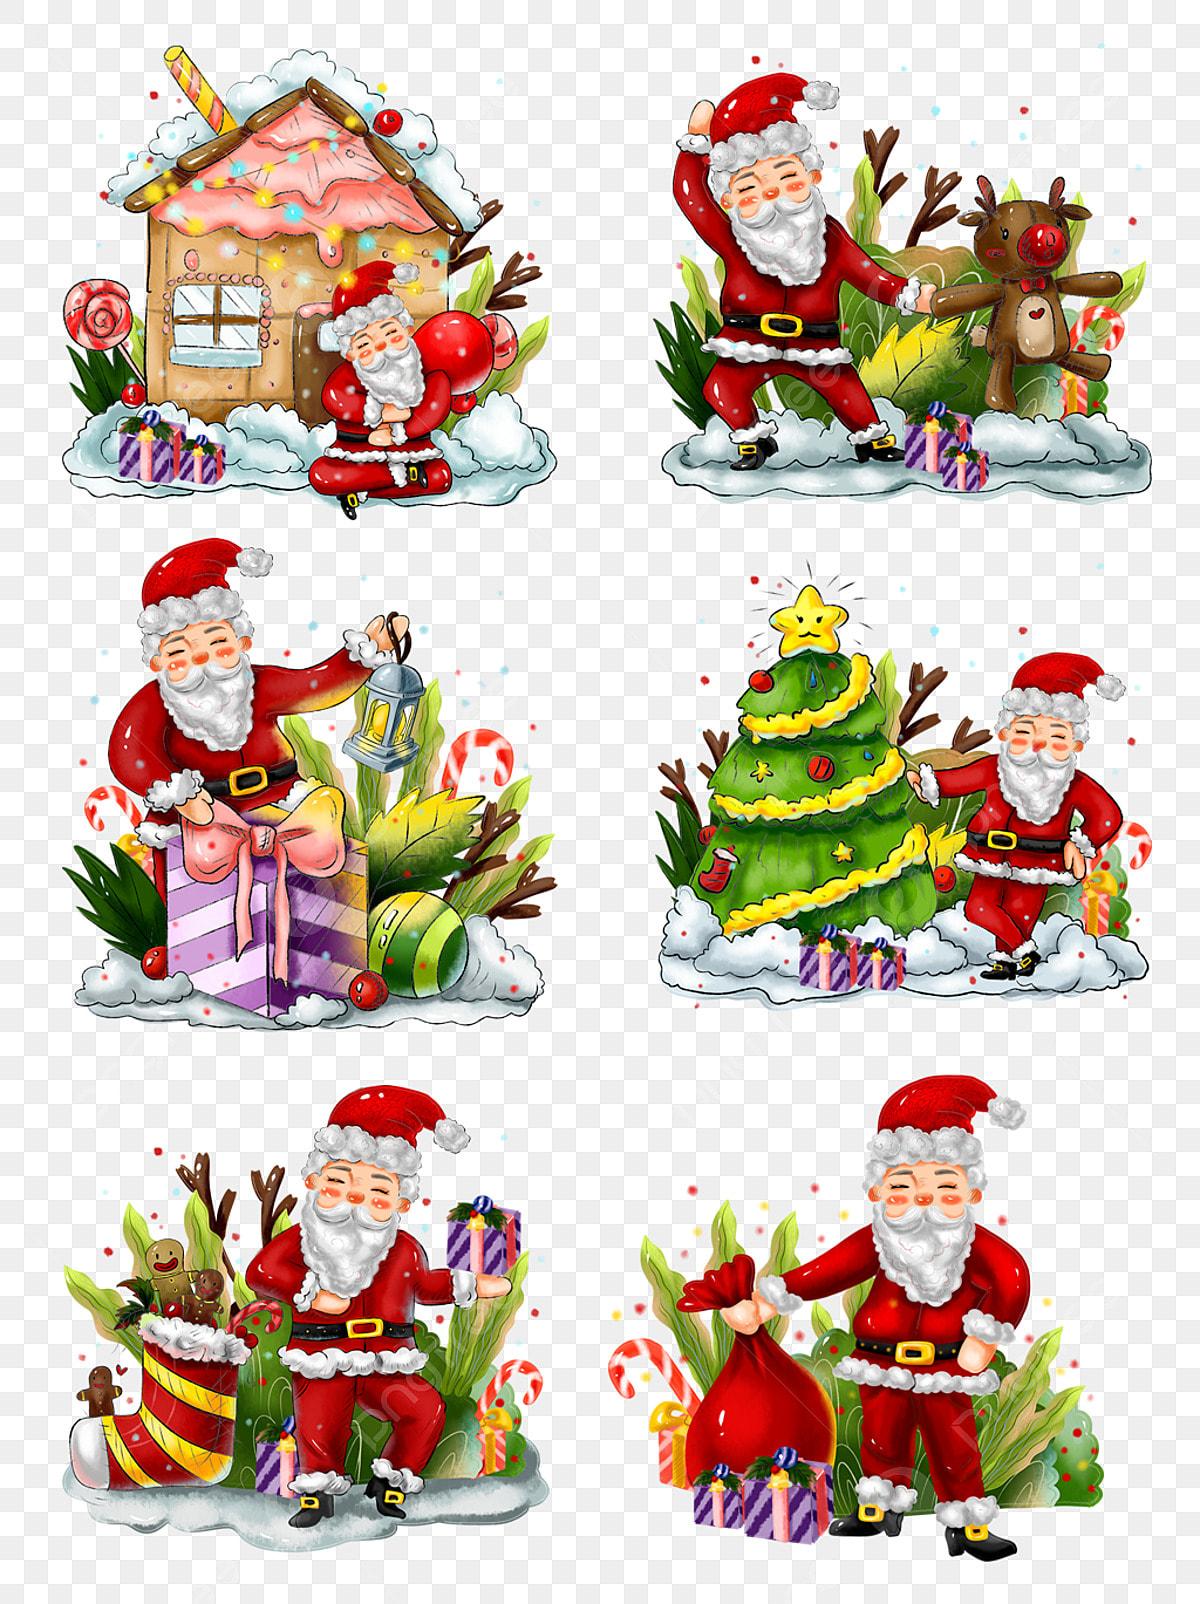 เชิงพาณิชย์วาดมือวันคริสต์มาสซานตาคลอสคริสต์มาสวัสดุโรงงานองค์ประกอบ,  บ้านขนมปังขิงภาพตัดปะ, เชิงพาณิชย์, ทาสีด้วยมือภาพ PNG และ PSD  สำหรับดาวน์โหลดฟรี